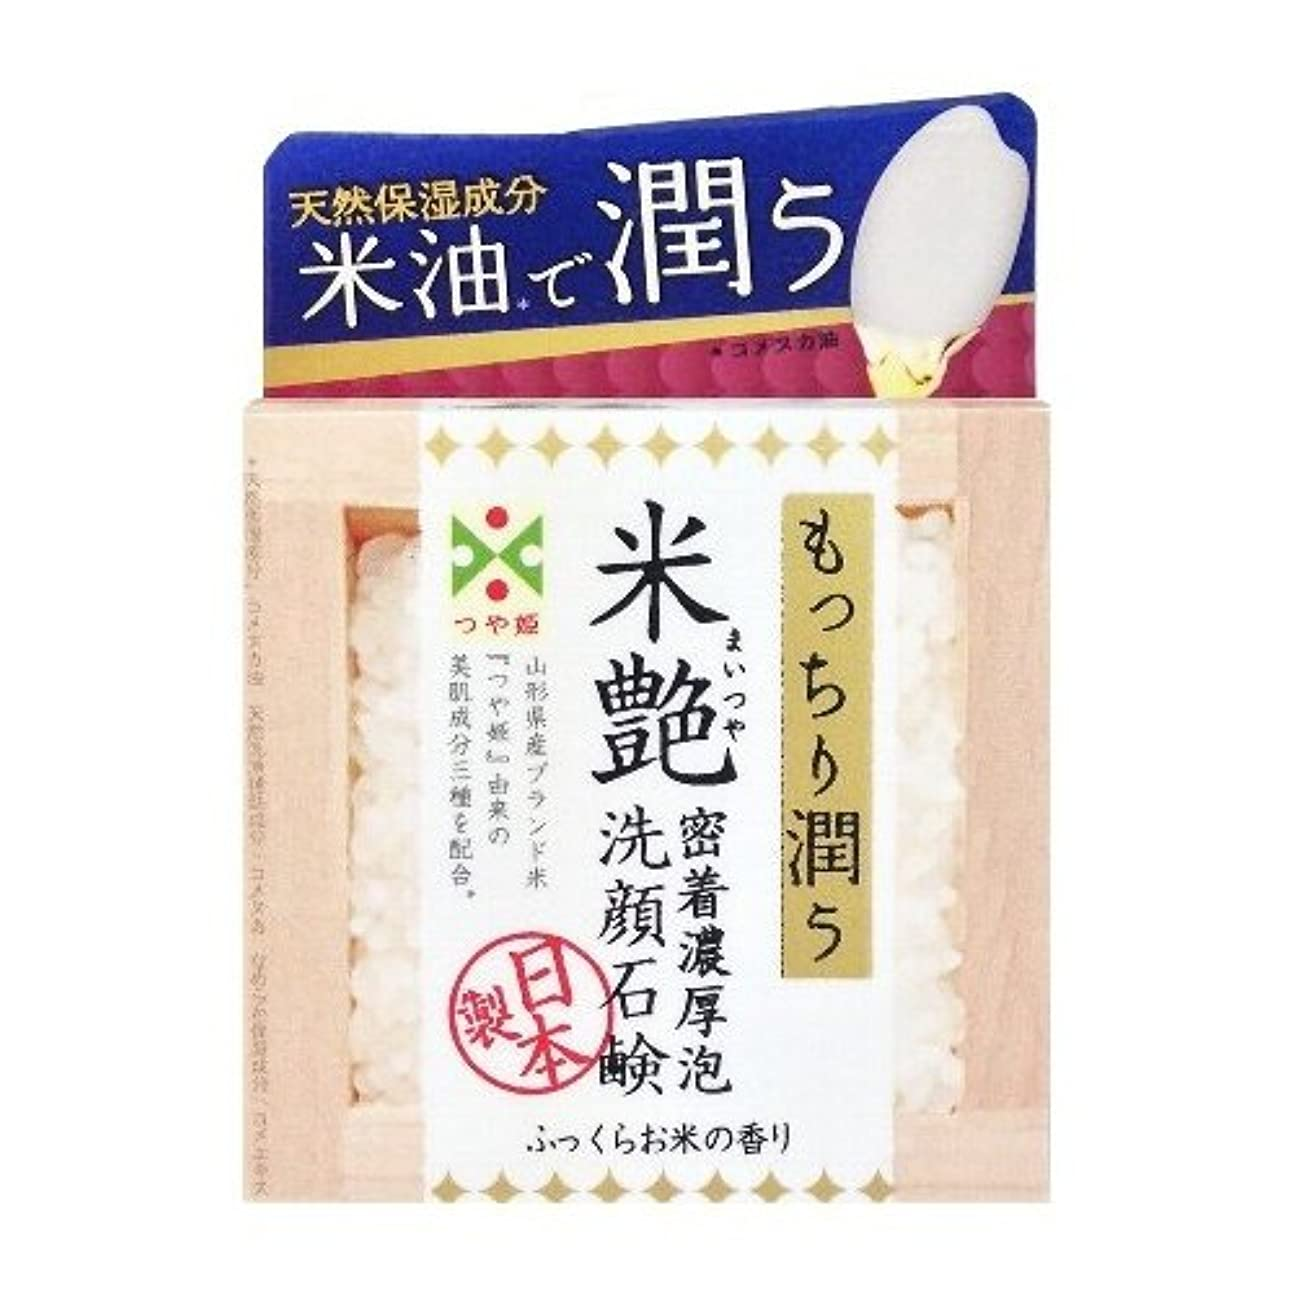 宣言する腸植物のペリカン石鹸 米艶洗顔石鹸 100g